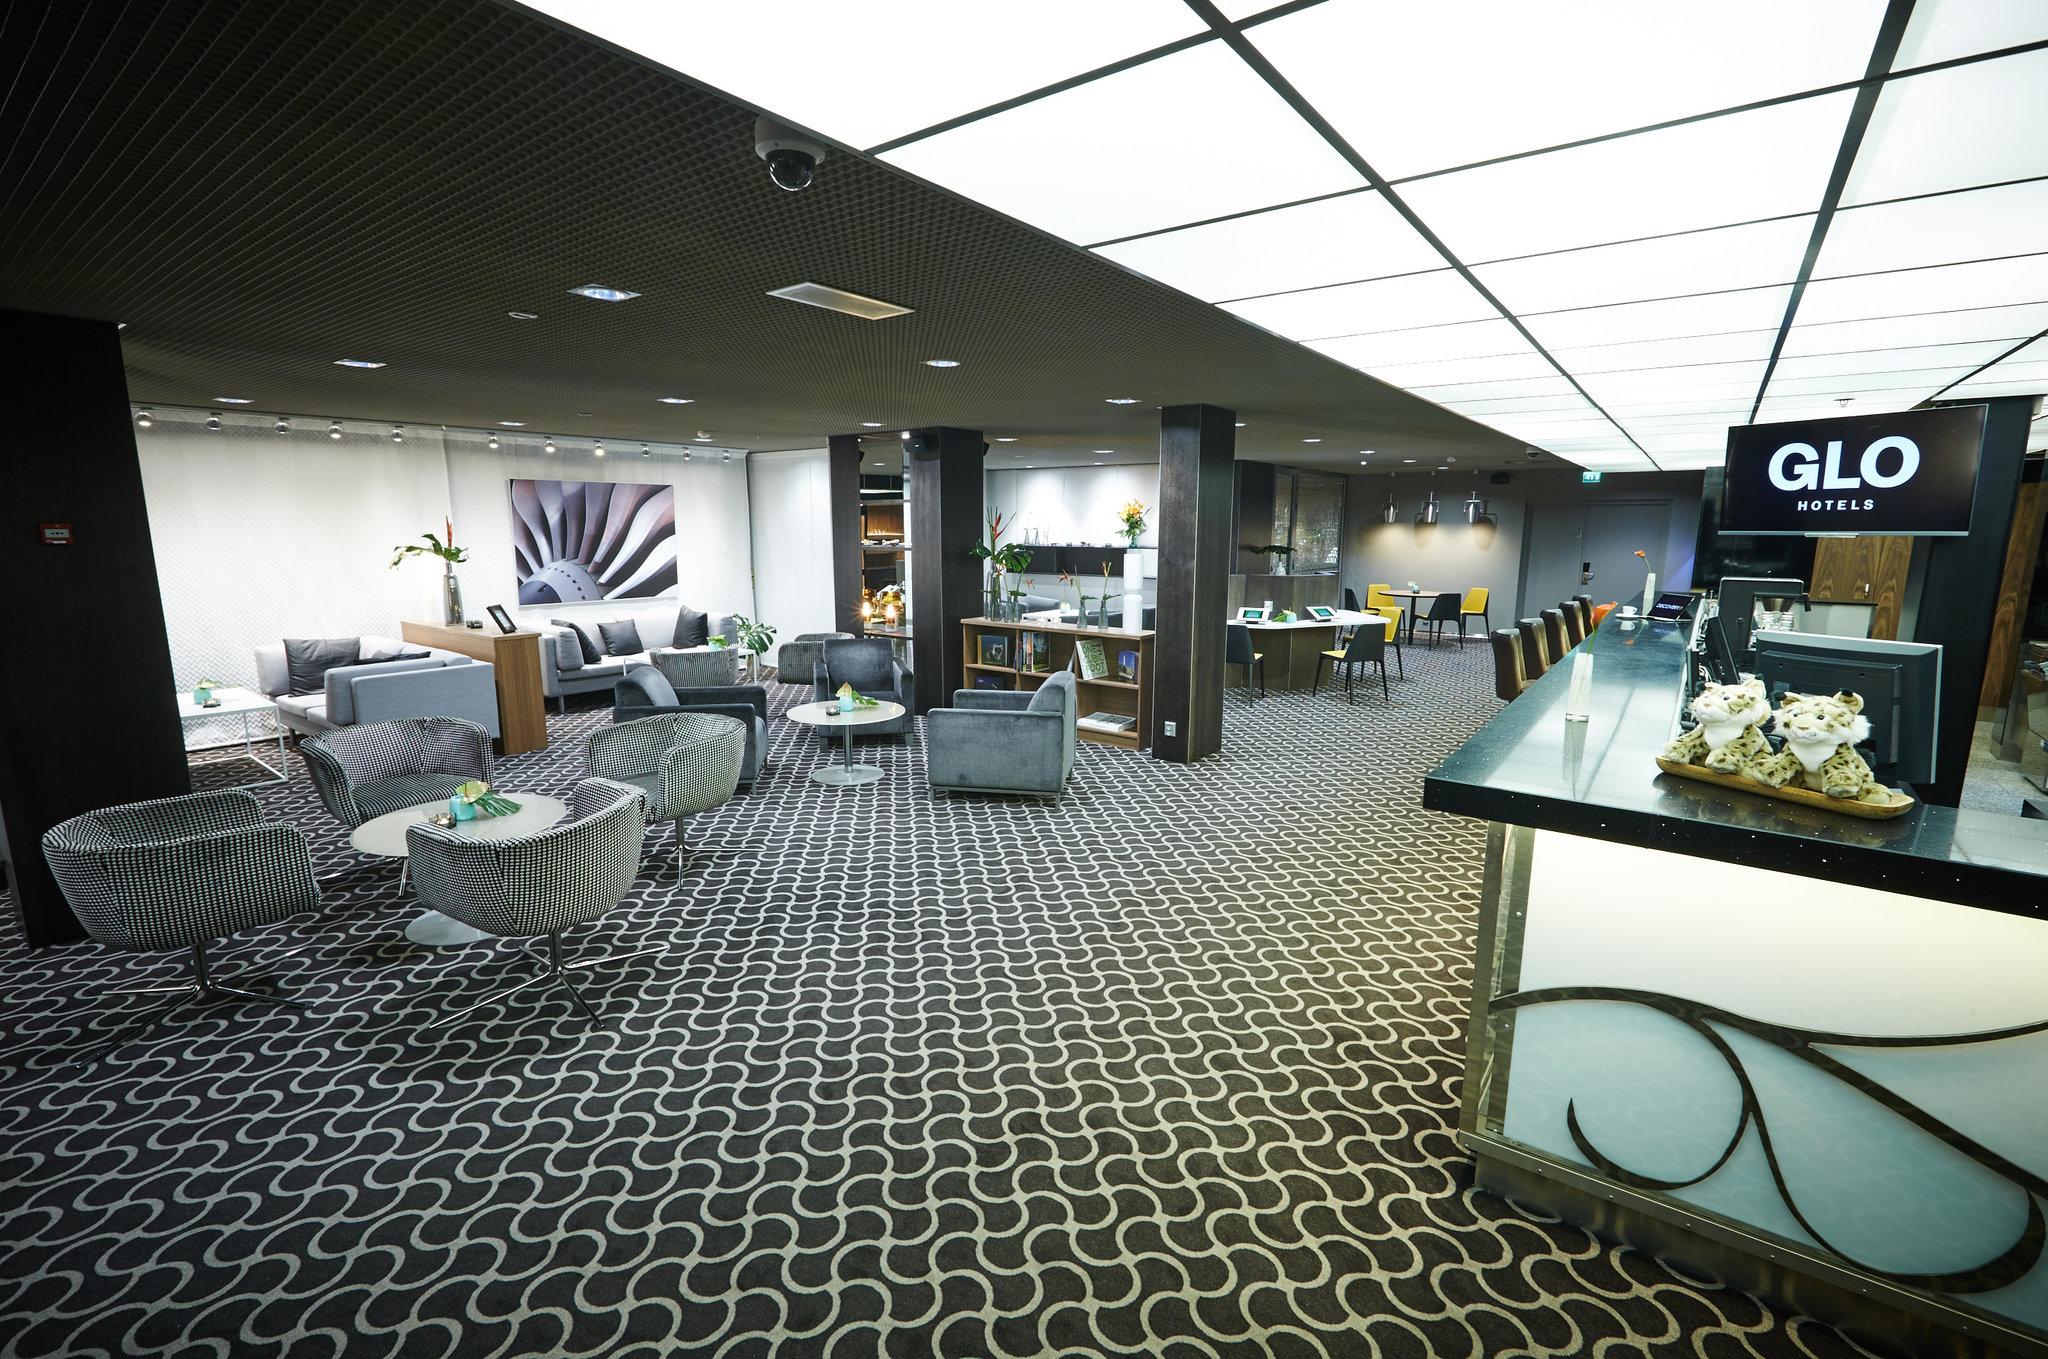 Hotel GLO Helsinki Airport